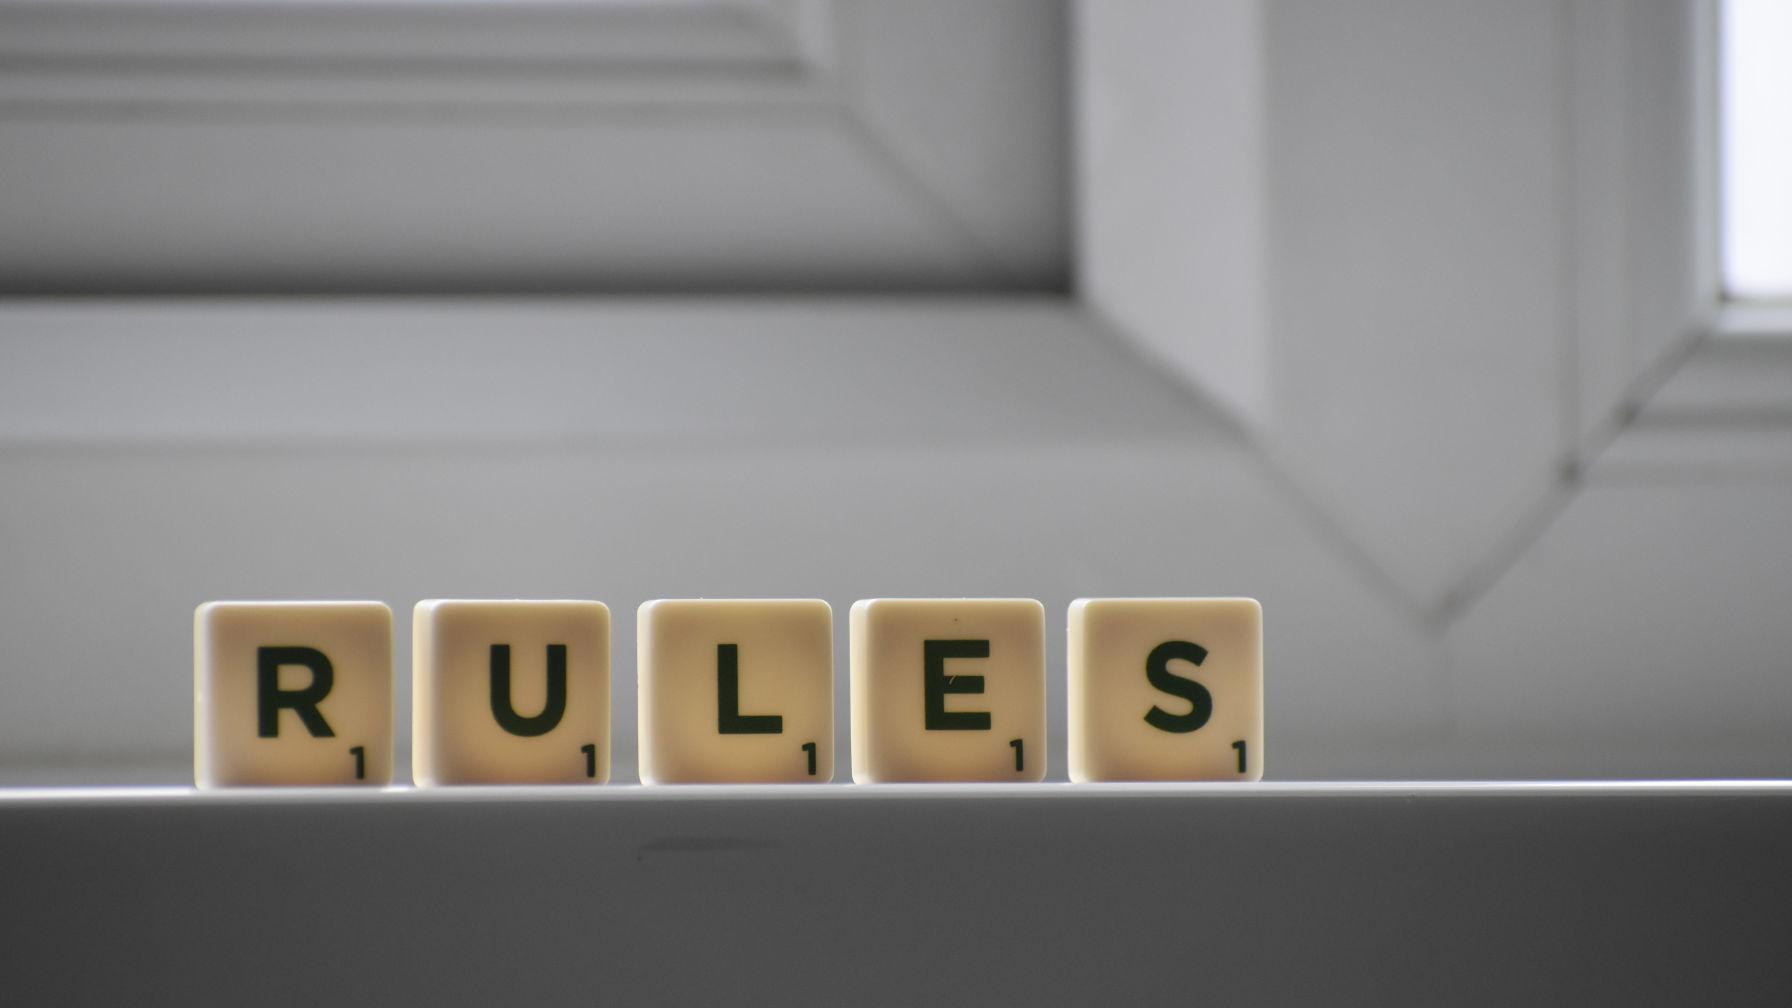 Image décorative qui utilise des lettres du jeu de Scrabble pour épeler les «règles».